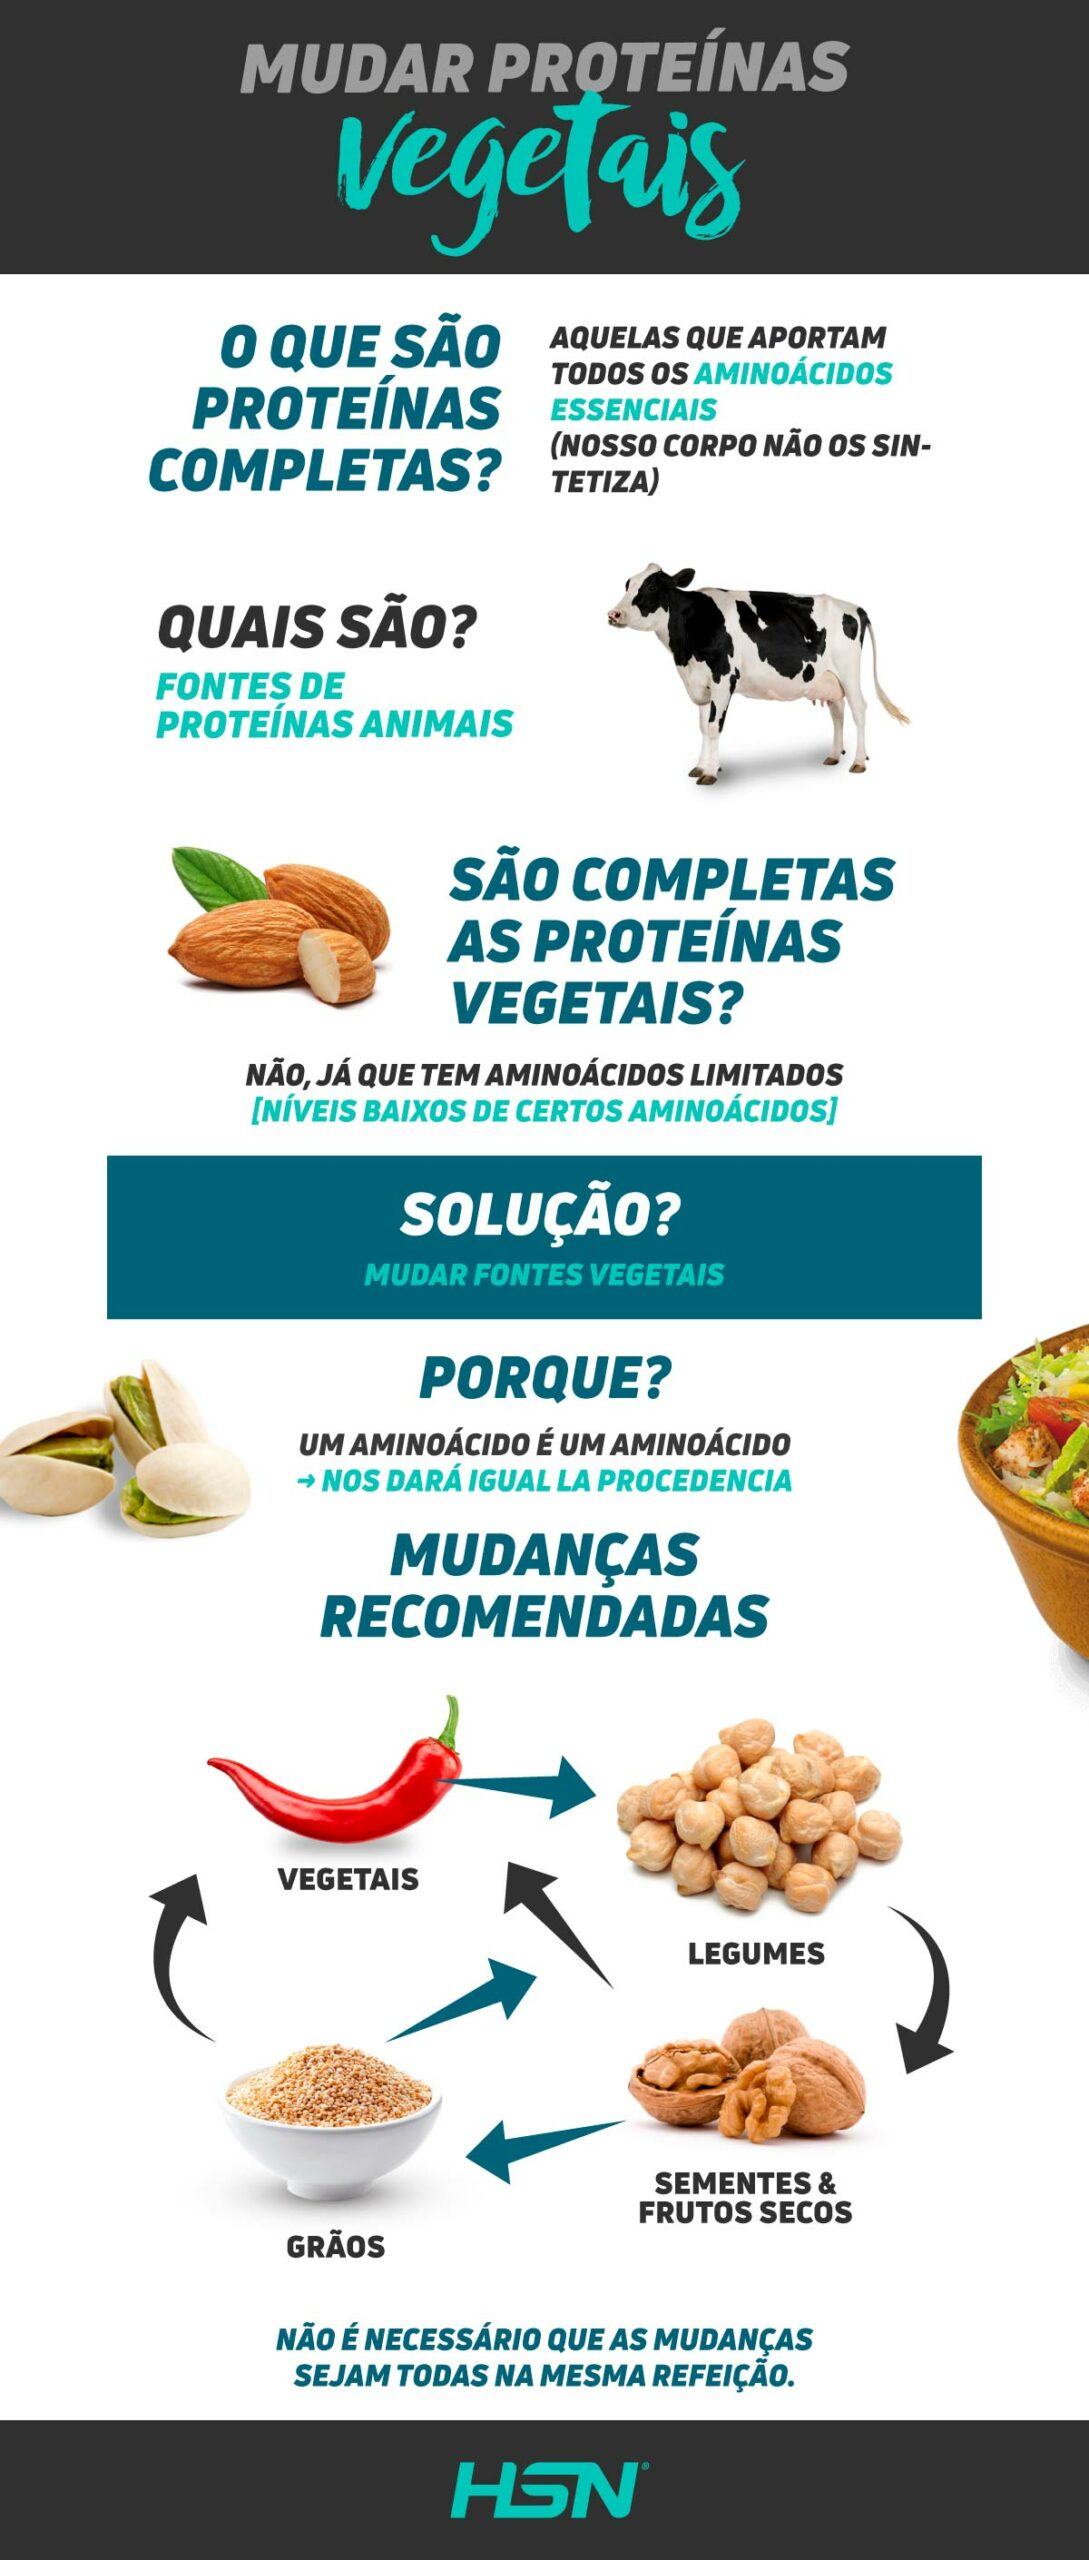 Mudar proteinas vegetais